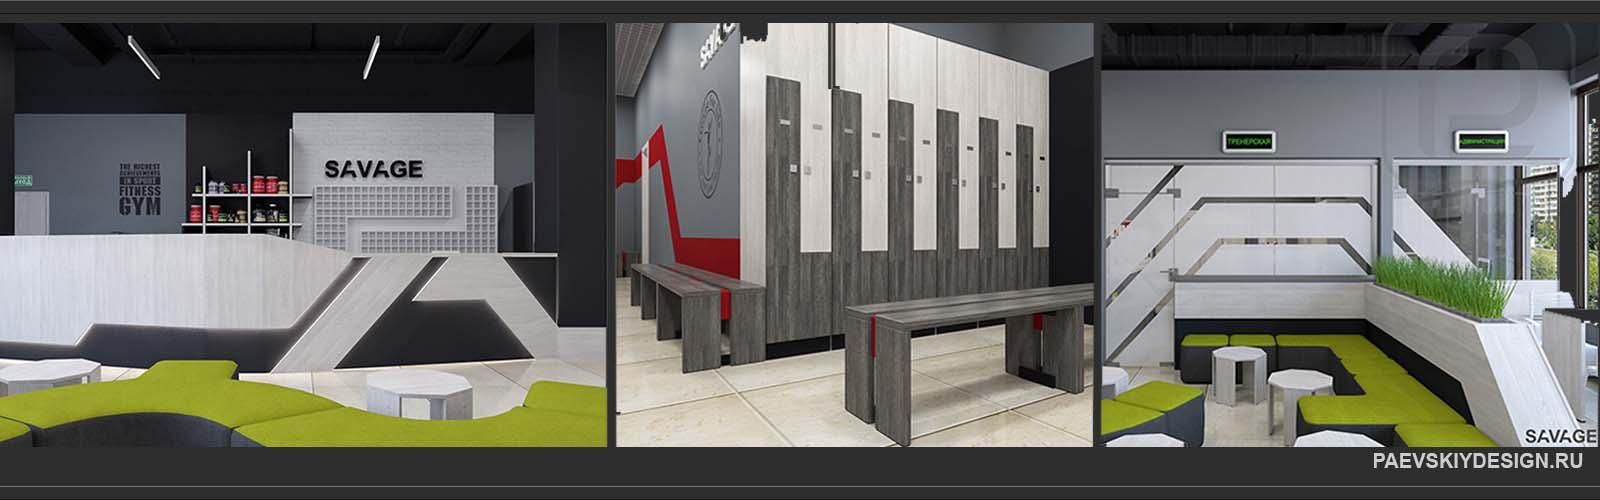 Индивидуальный дизайн мебели и предметов декора для фитнес клуба